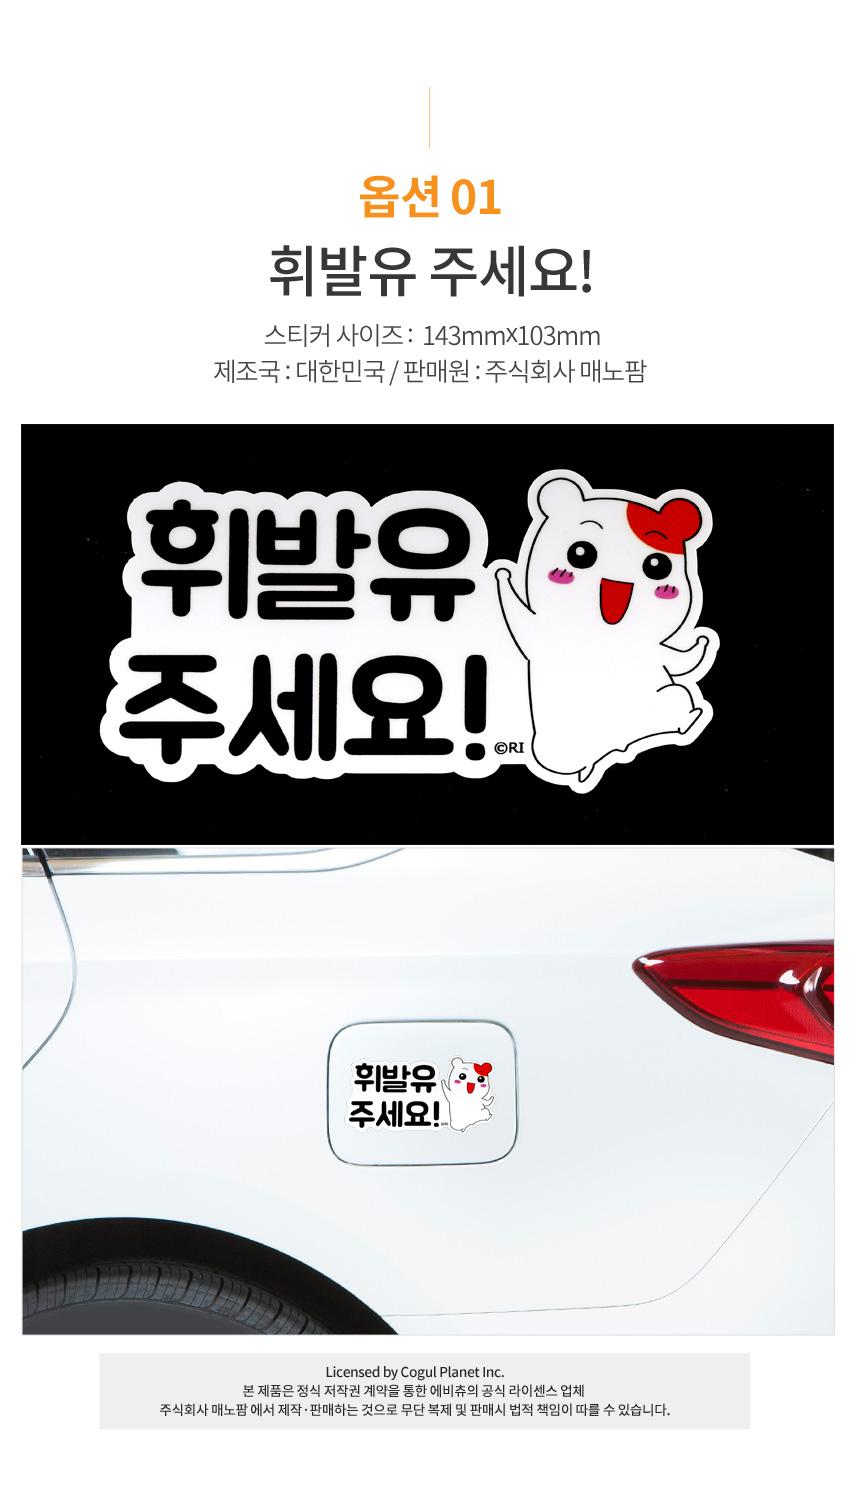 에비츄 차량용 주유구 스티커 - 매노팜, 6,900원, 자동차 스티커, 초보운전/아기탑승/주차 스티커